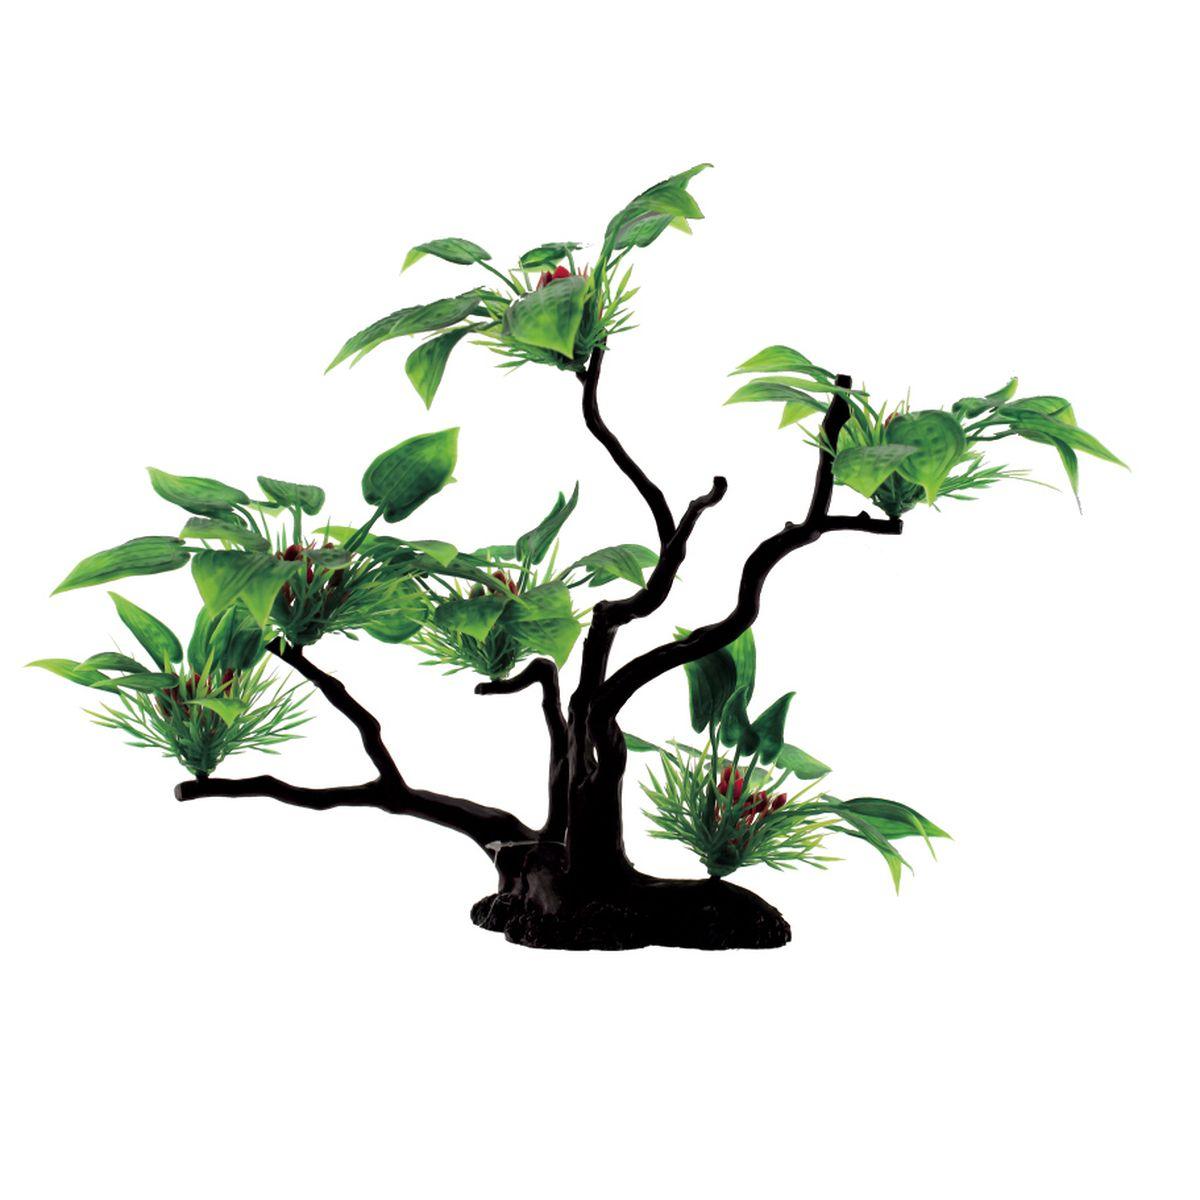 Композиция из растений для аквариума ArtUniq Буцефаландра широколистная, 32 x 12 x 32 см0120710Композиция из растений для аквариума ArtUniq Буцефаландра широколистная, 32 x 12 x 32 см